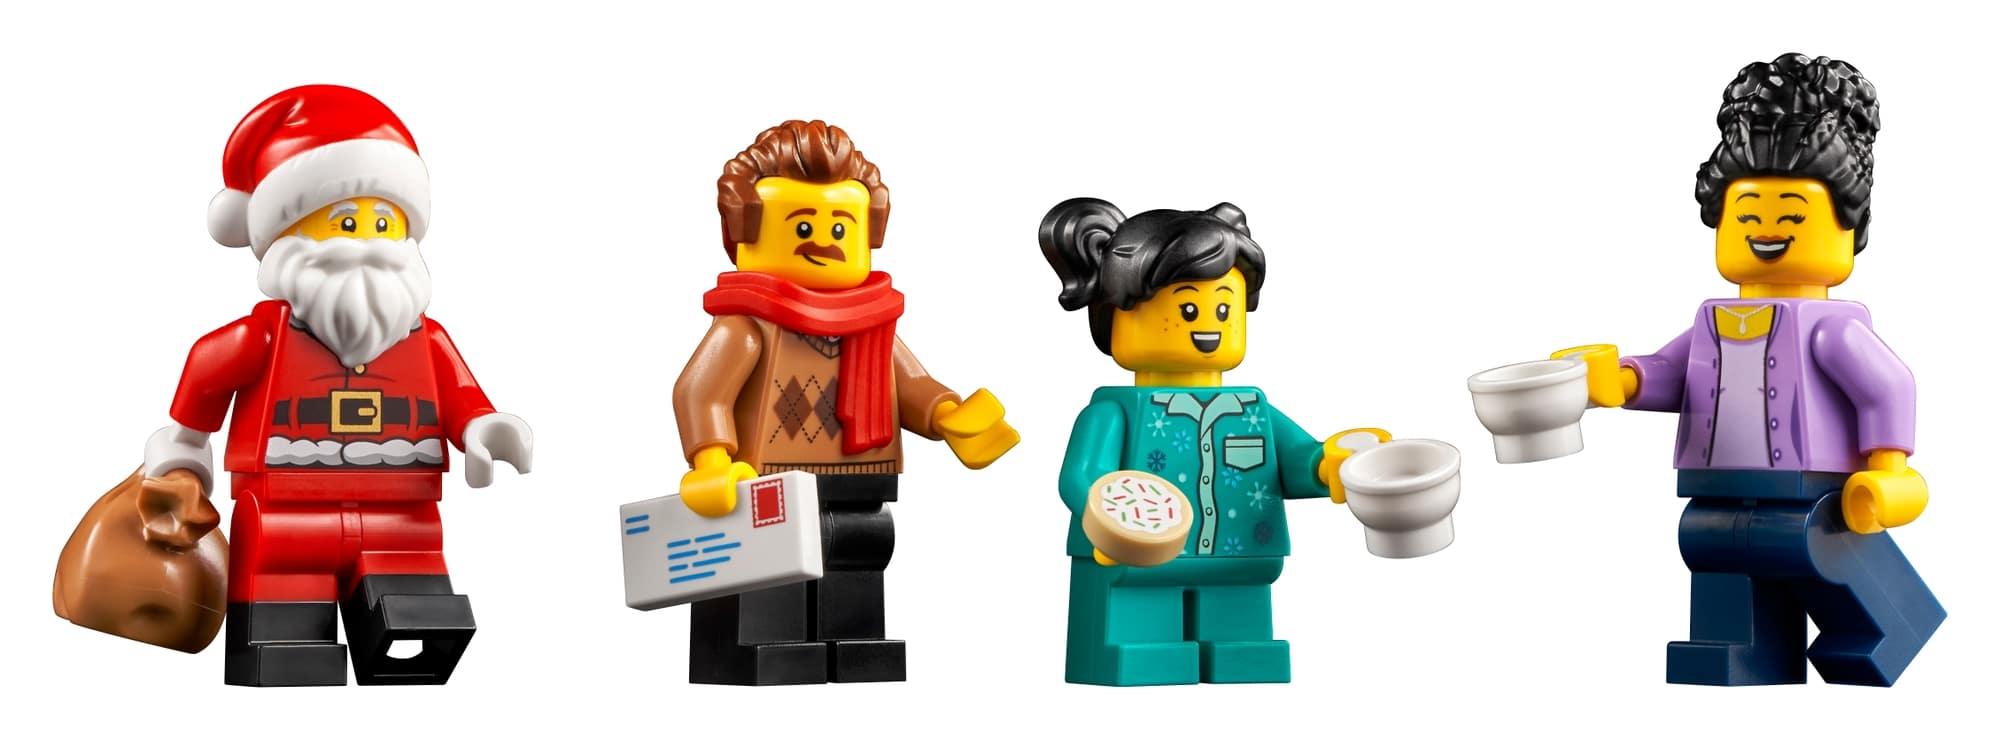 レゴ『10293 サンタがやってくる』クリスマス・ウィンタービレッジ新製品情報(2021)